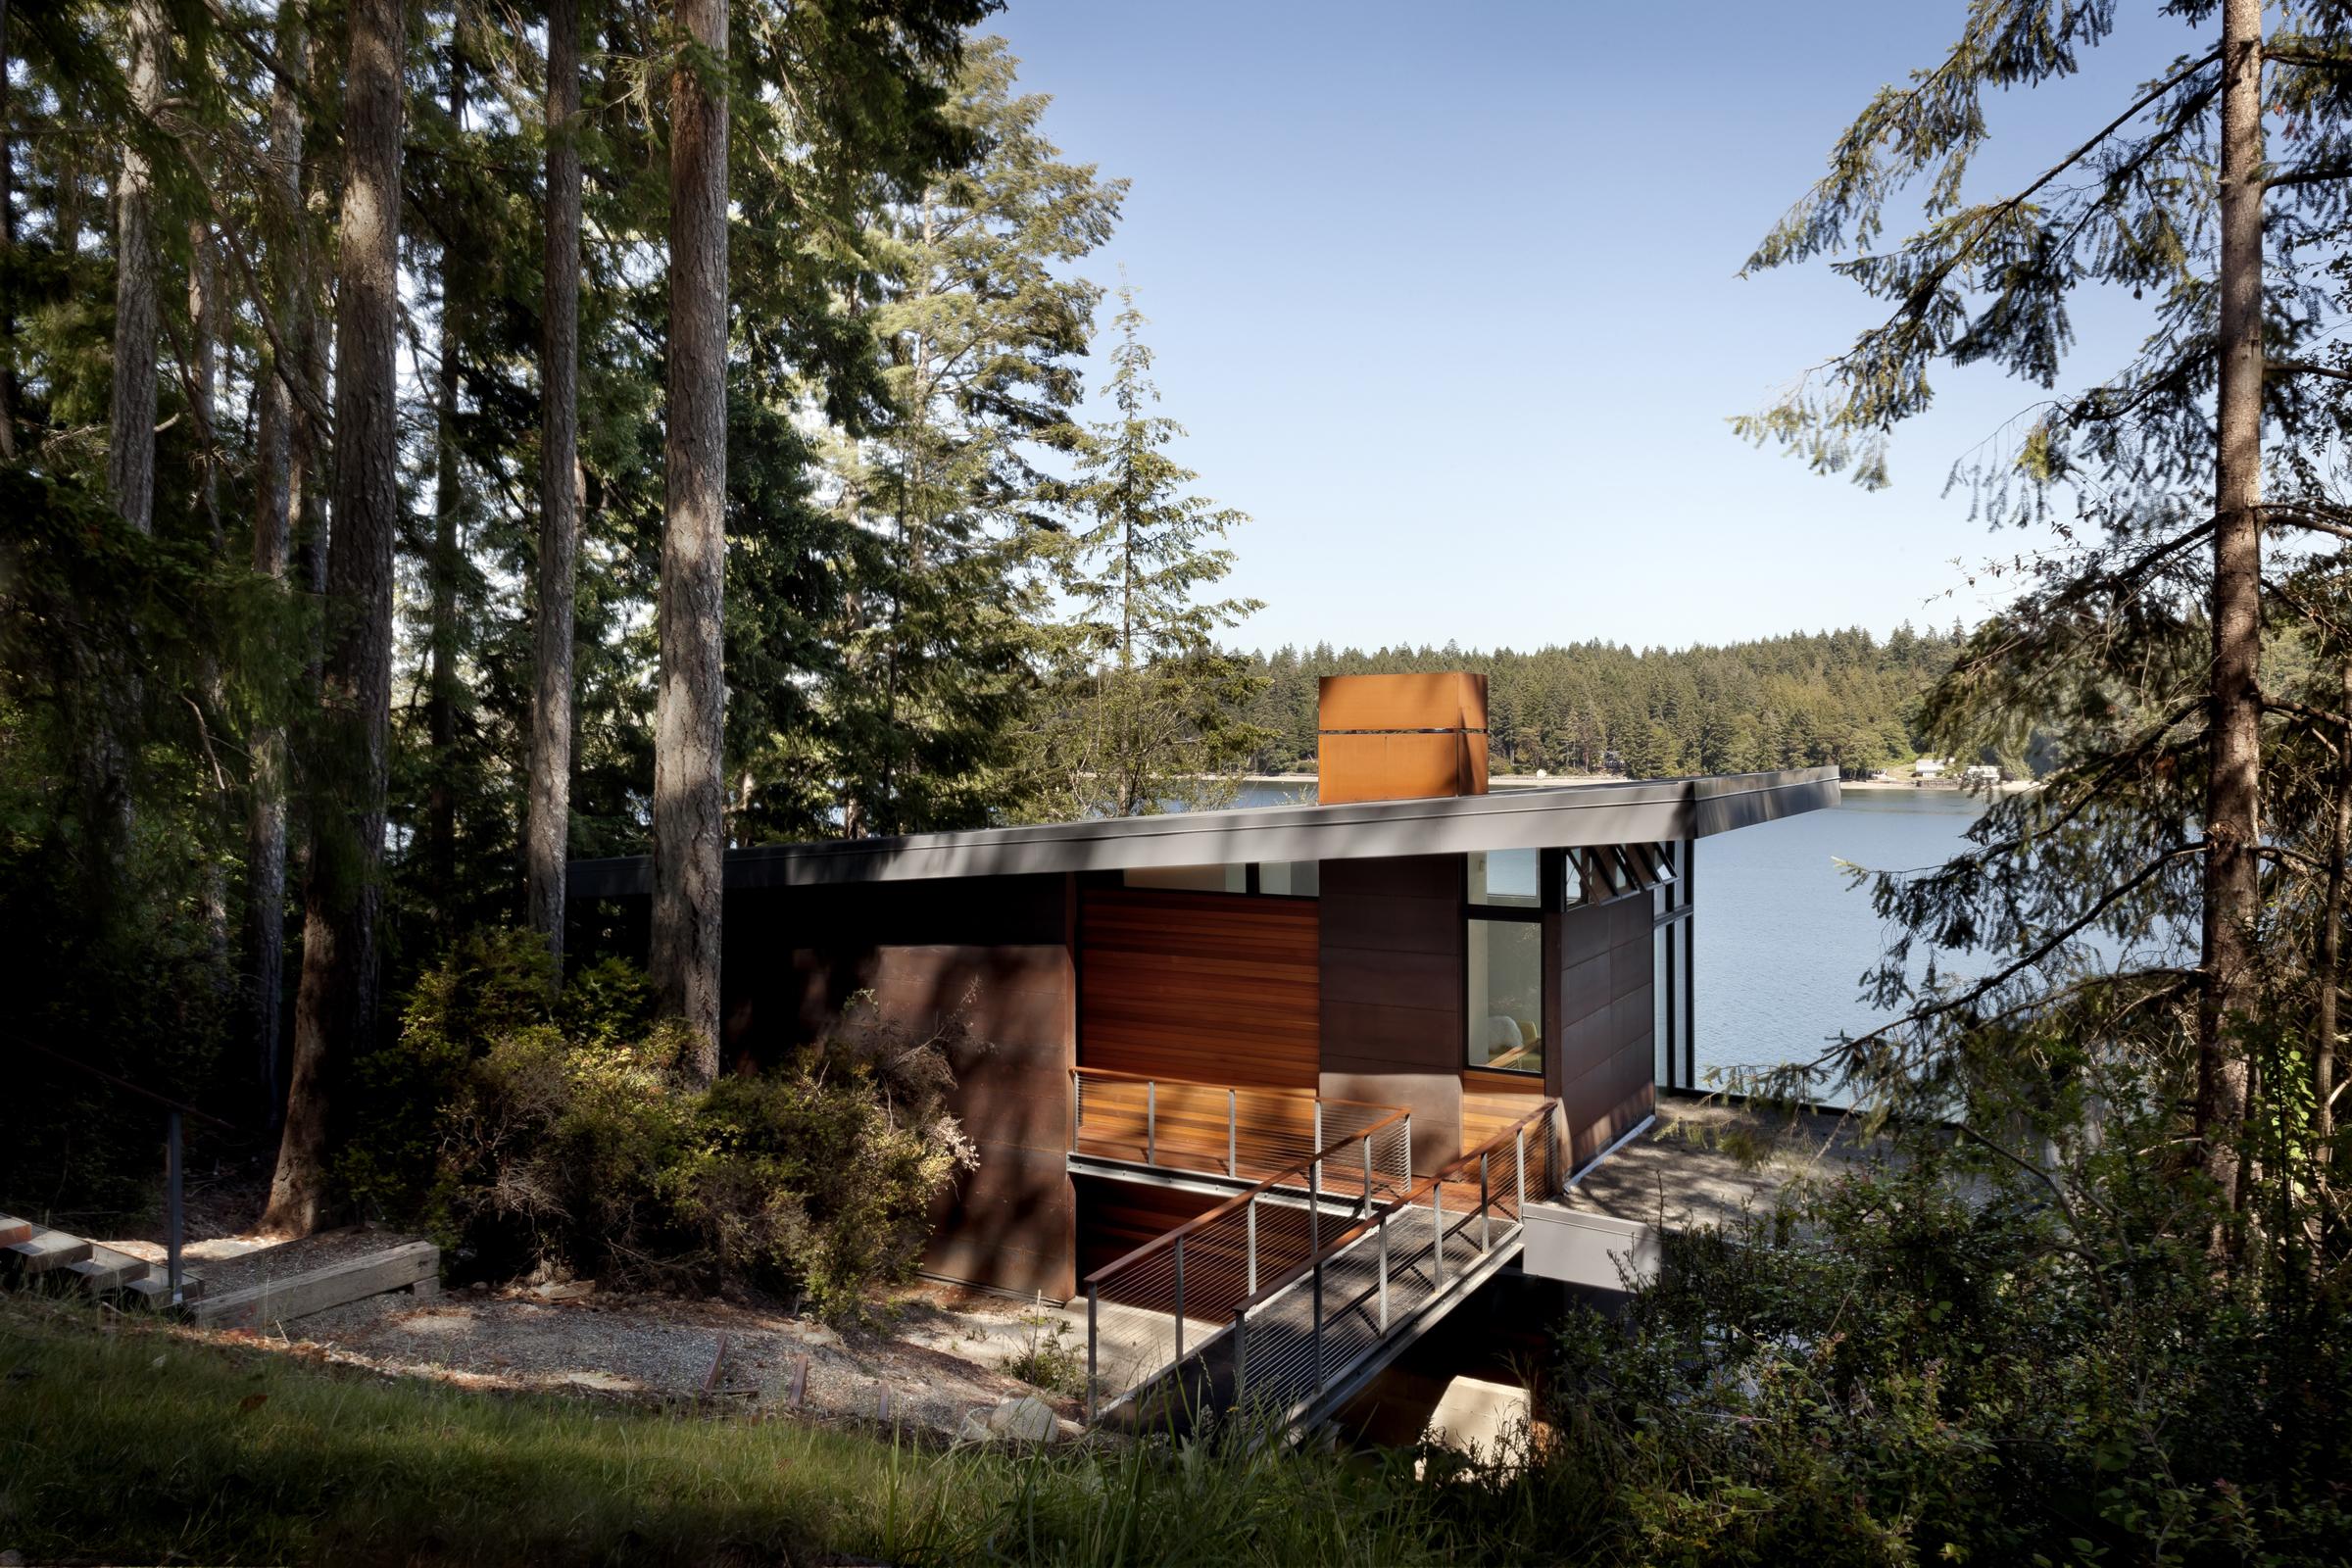 Herron Island Cabin_TBp 003-WEB.jpg